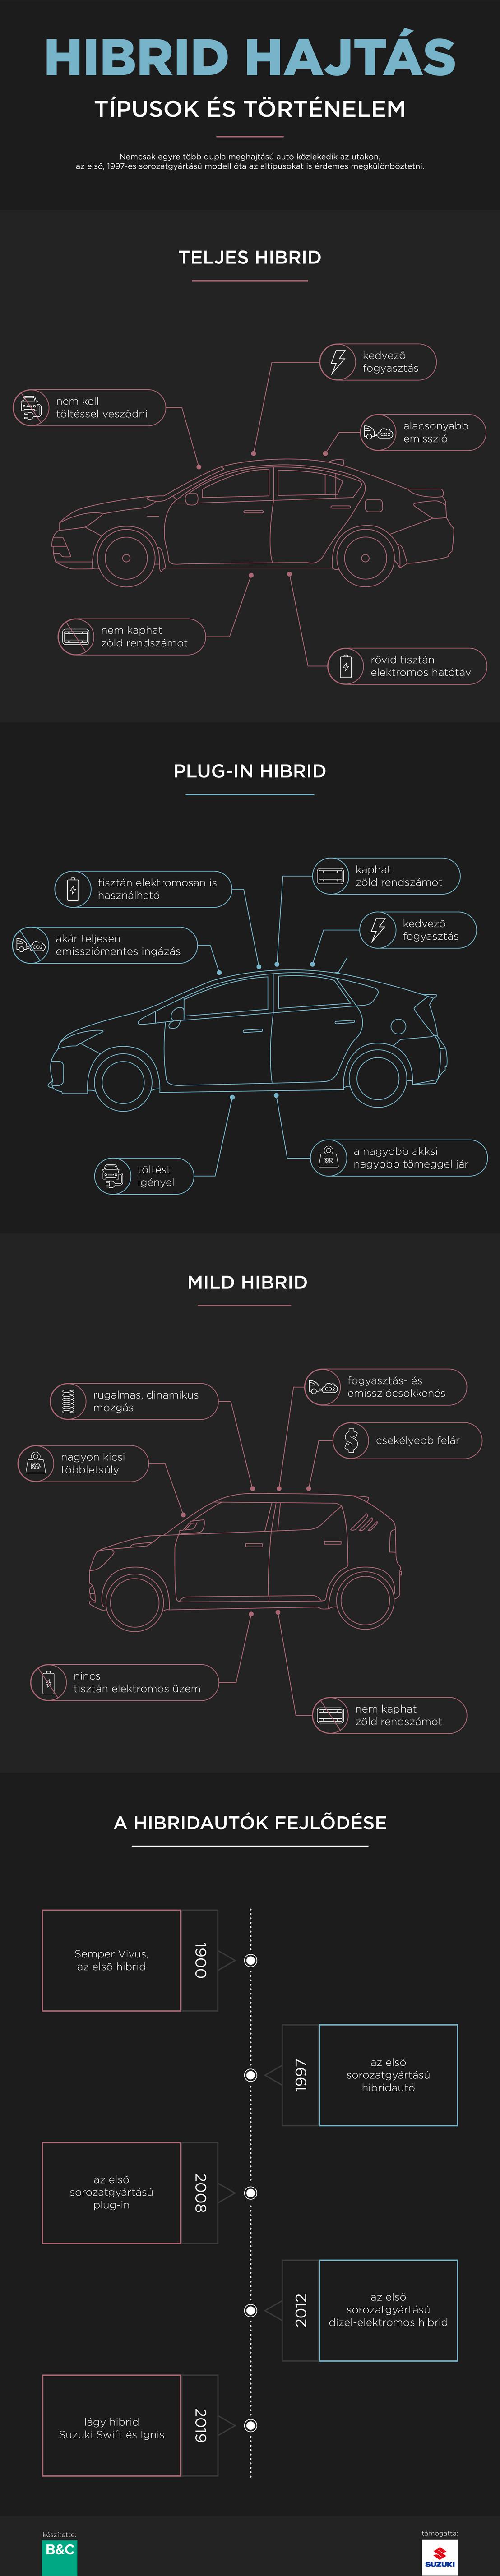 suzuki hybrid infografika v2